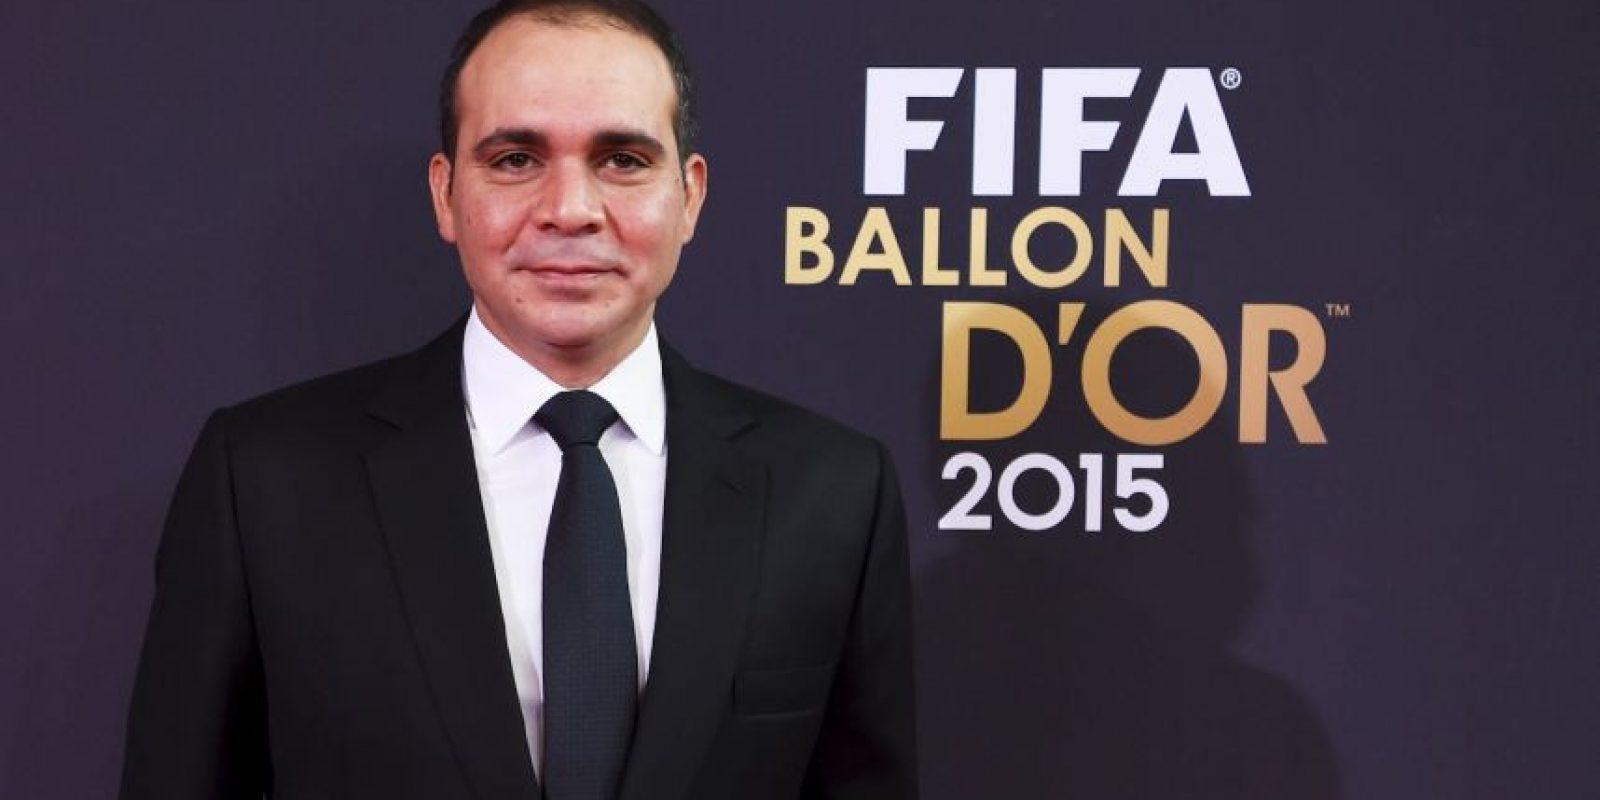 El último opositor de Joseph Blatter, de nueva cuenta no parte como favorito Foto:Getty Images